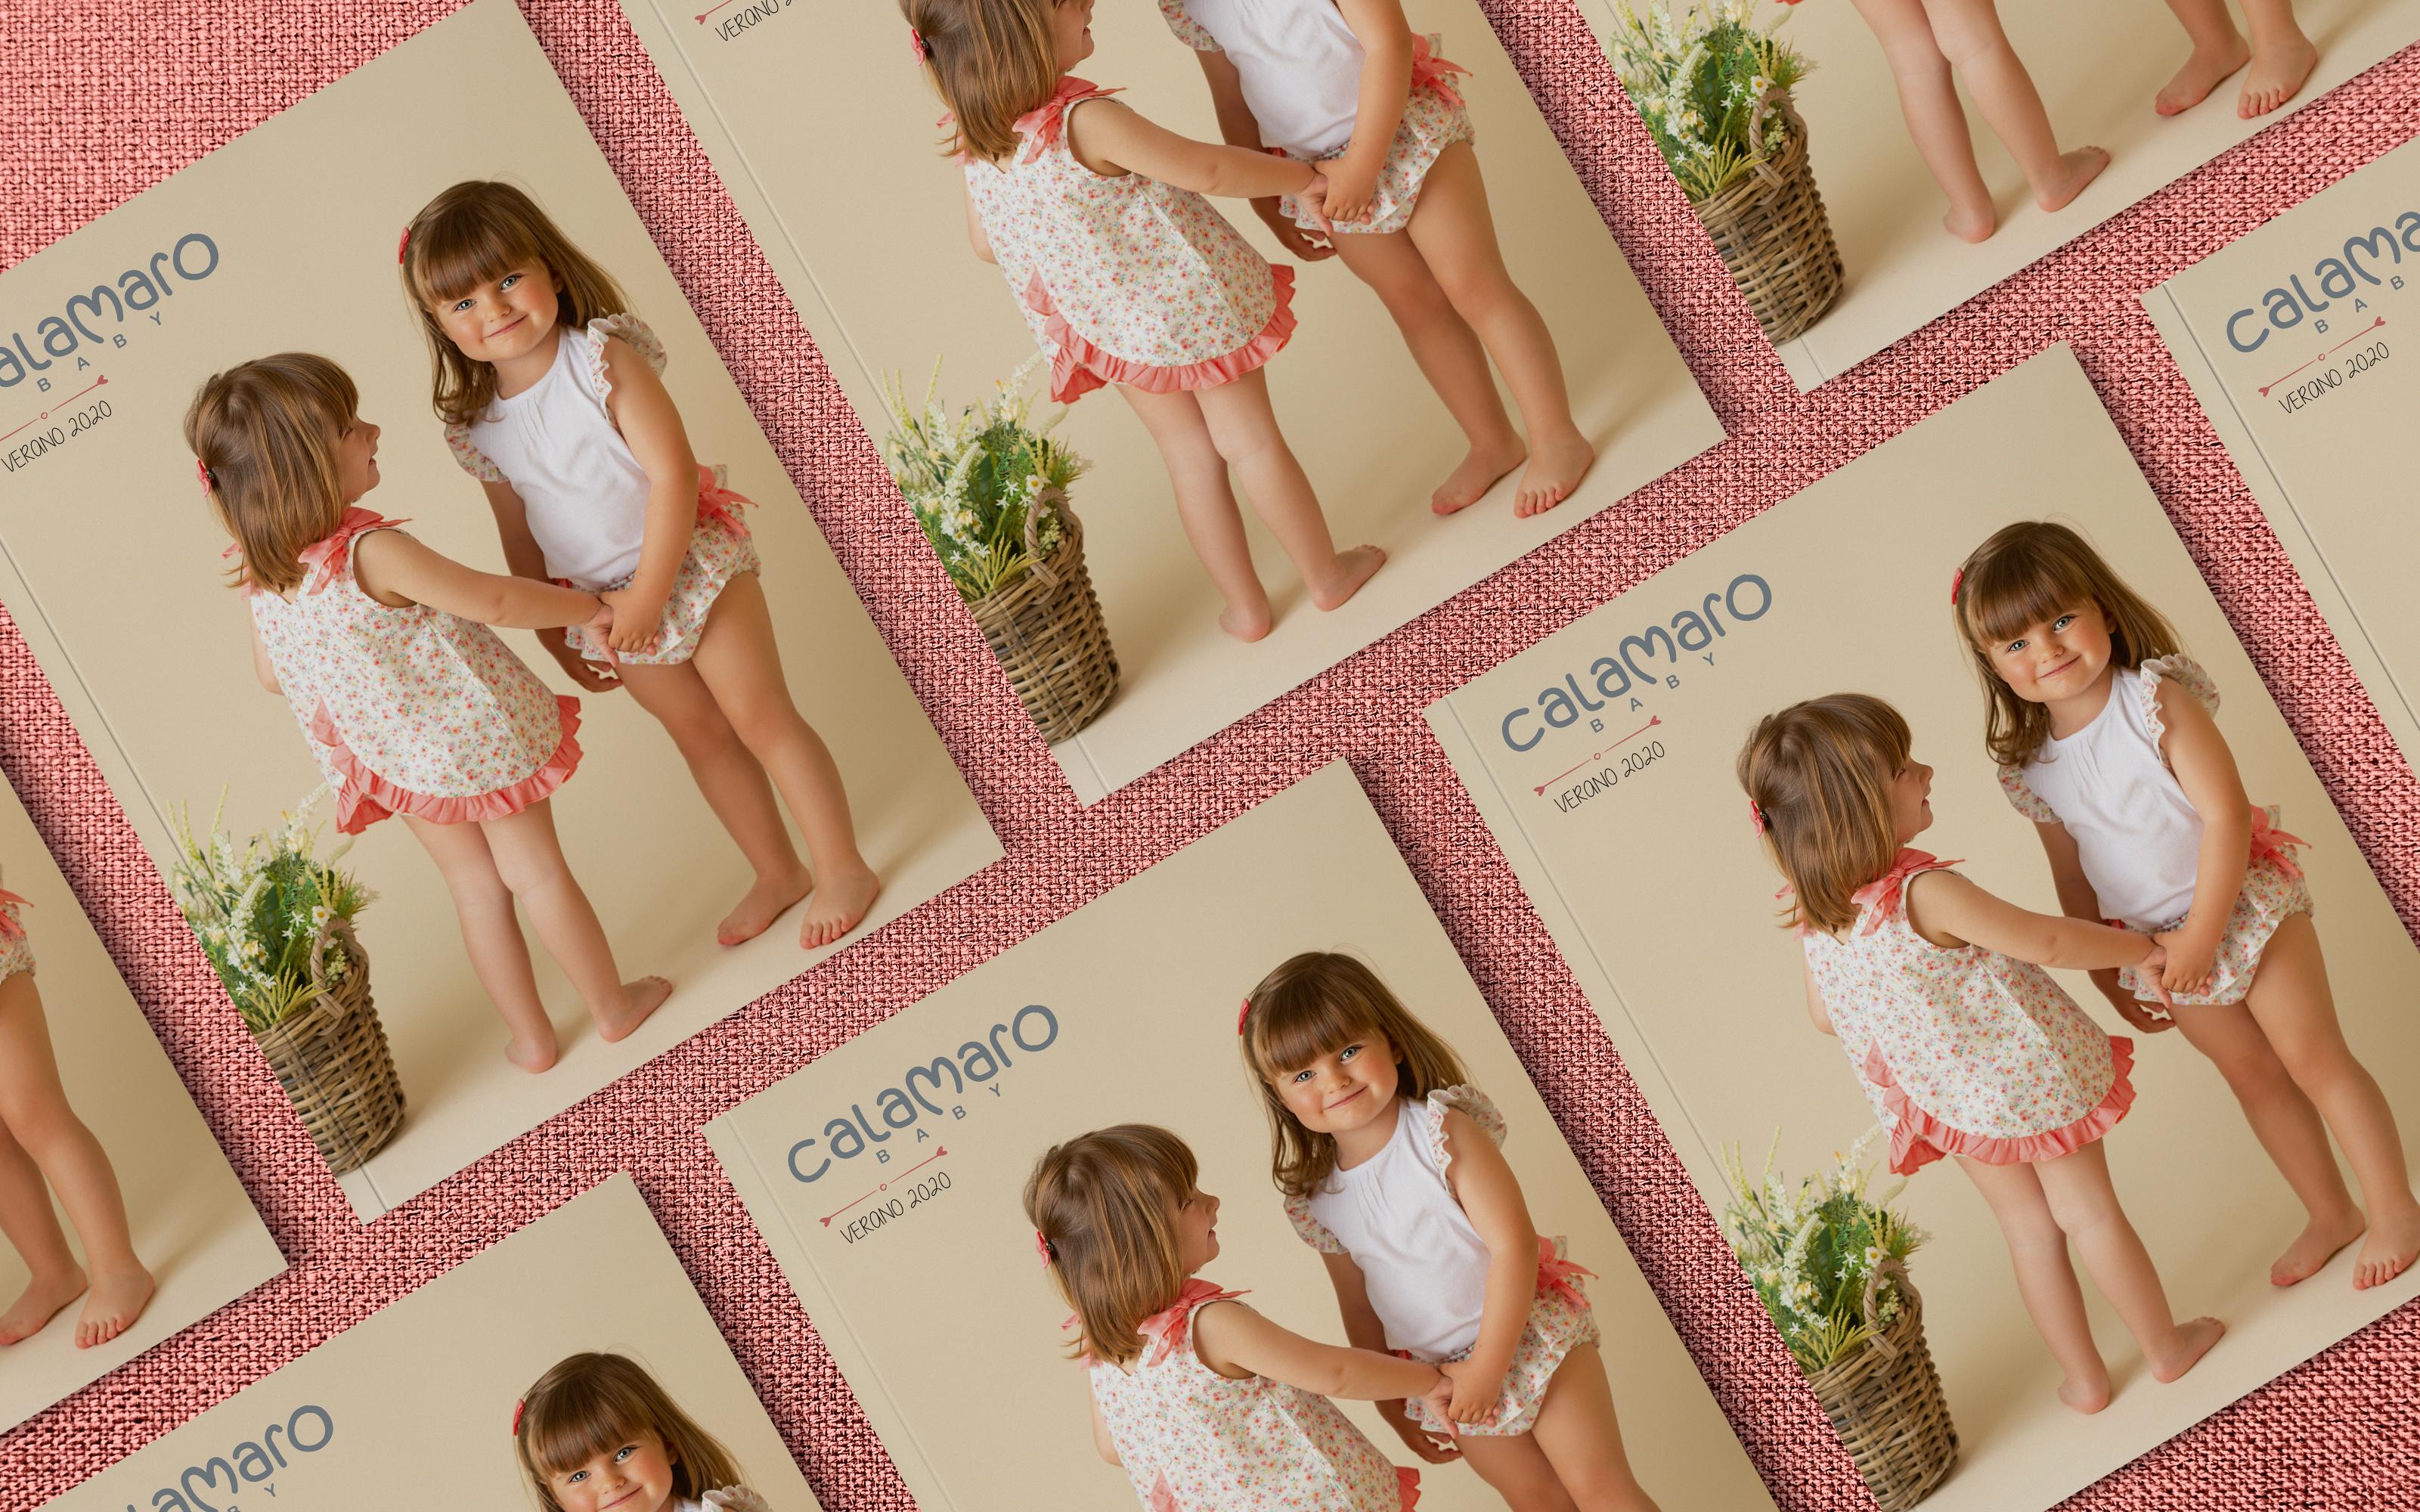 Nuevo catálogo de Calamaro Baby Verano 2020